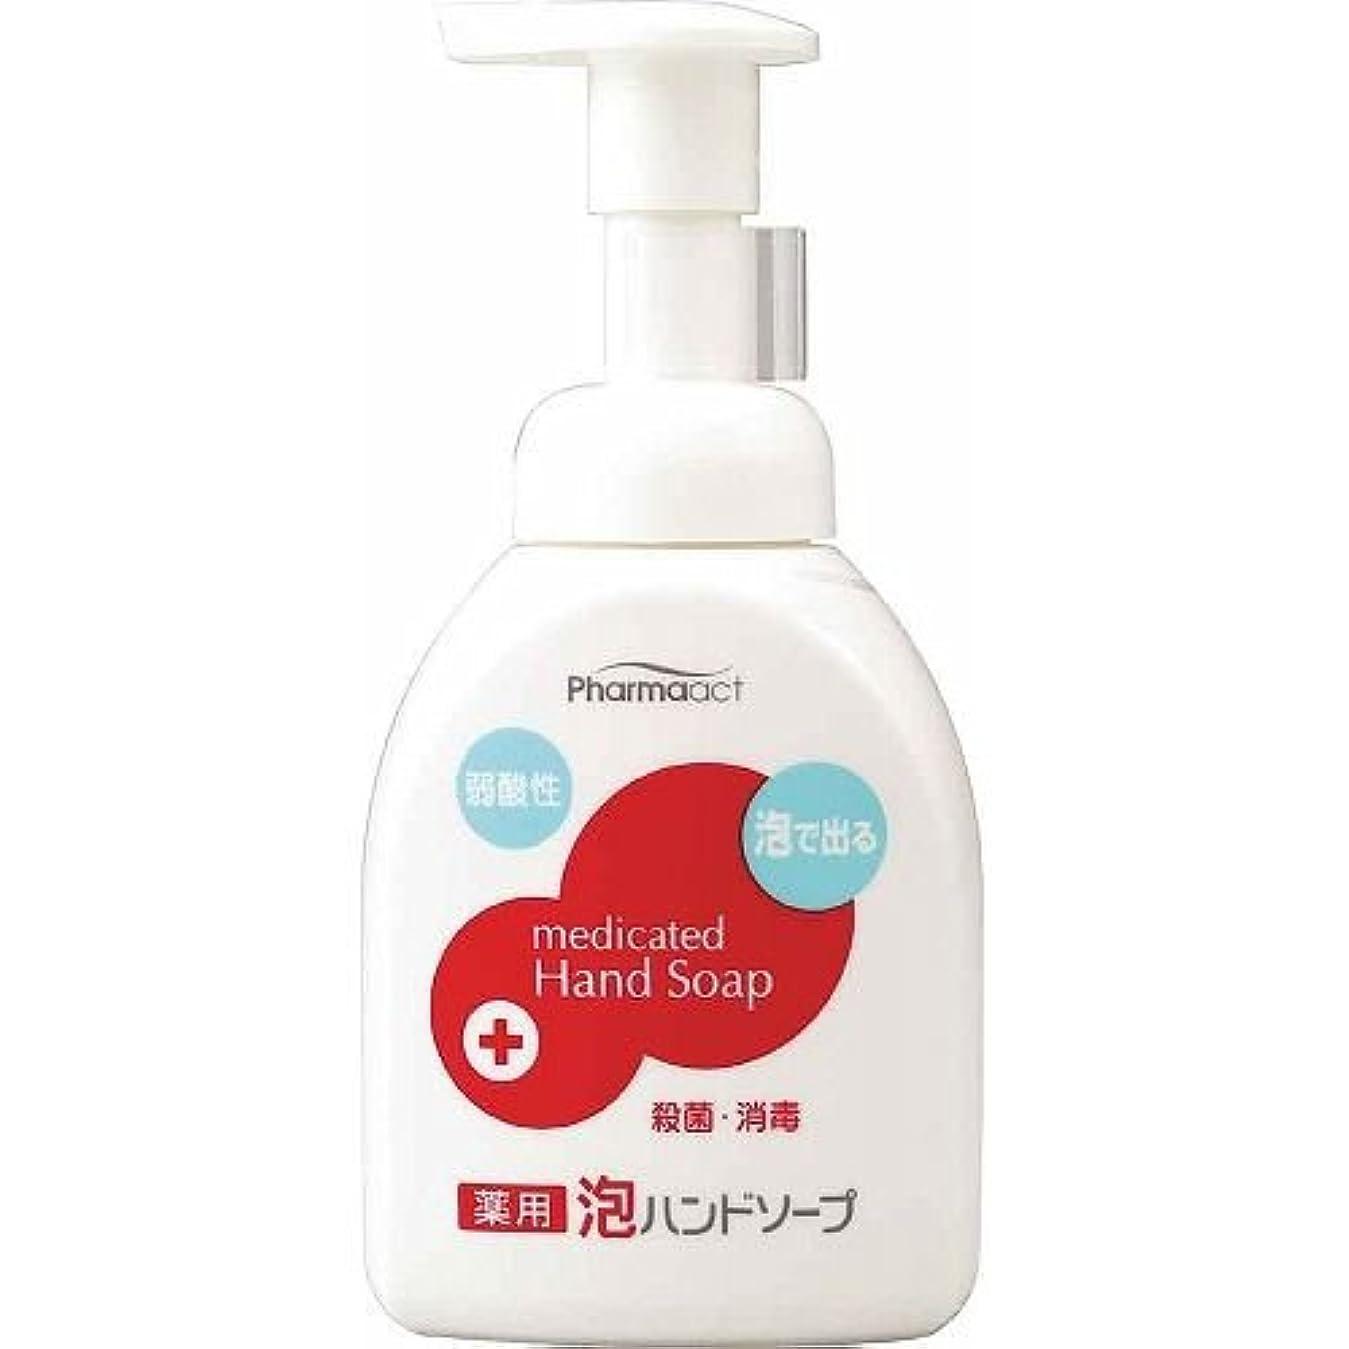 うつ顔料汚染する【まとめ買い】ファーマアクト 弱酸性薬用泡ハンドソープボトル 250ml ×8個